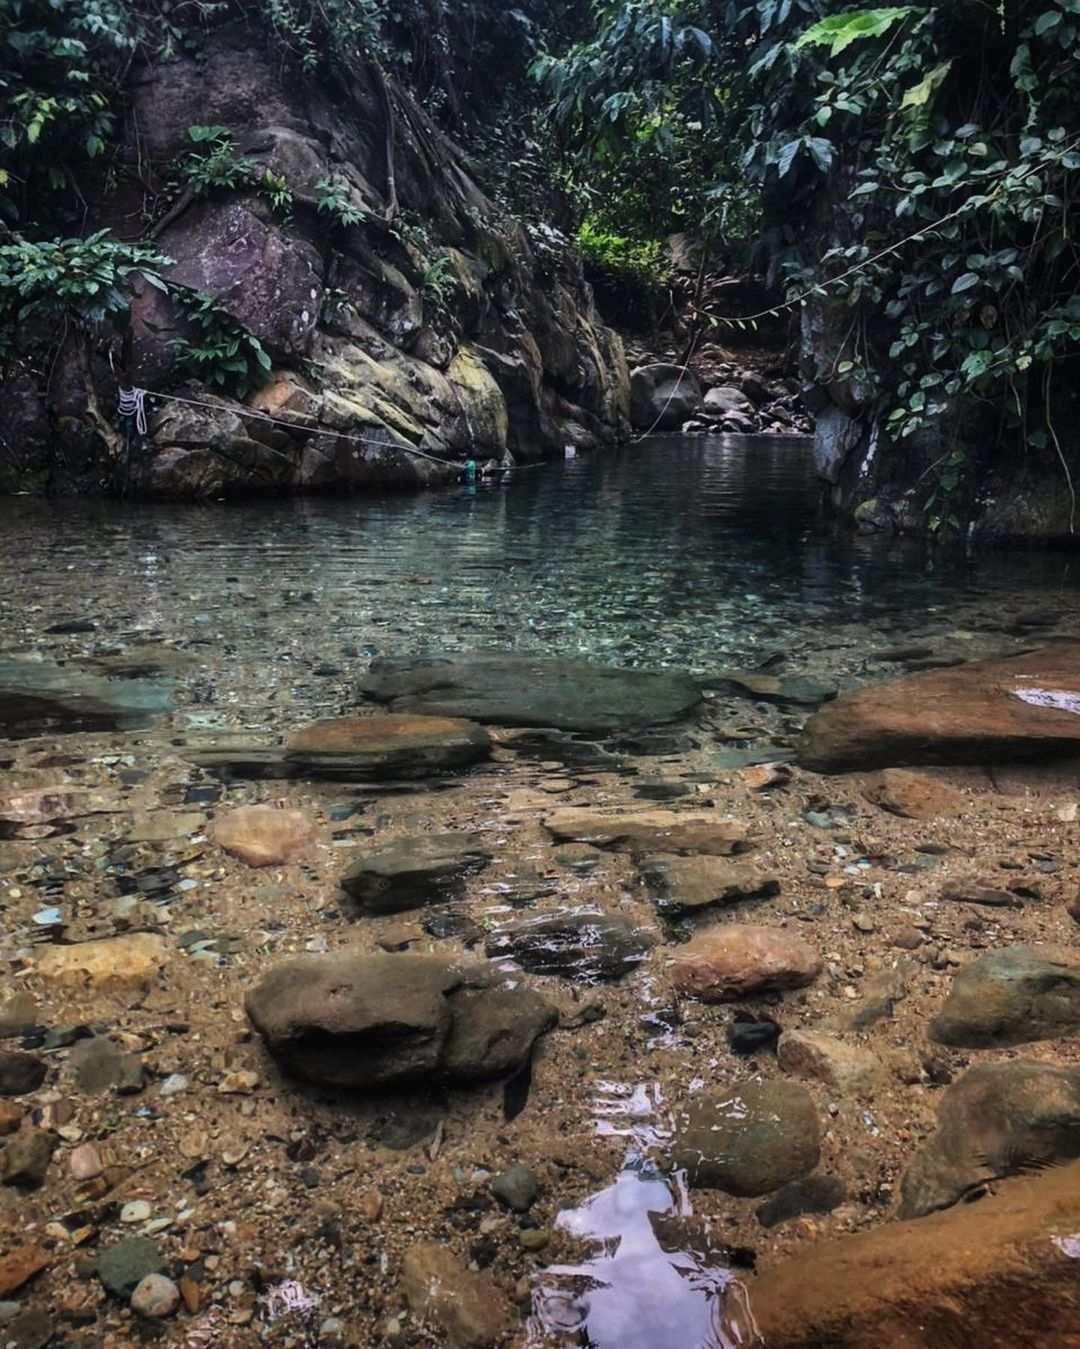 Jernihnya Air Di Leuwi Cepet Bogor Image From @dianatiwi